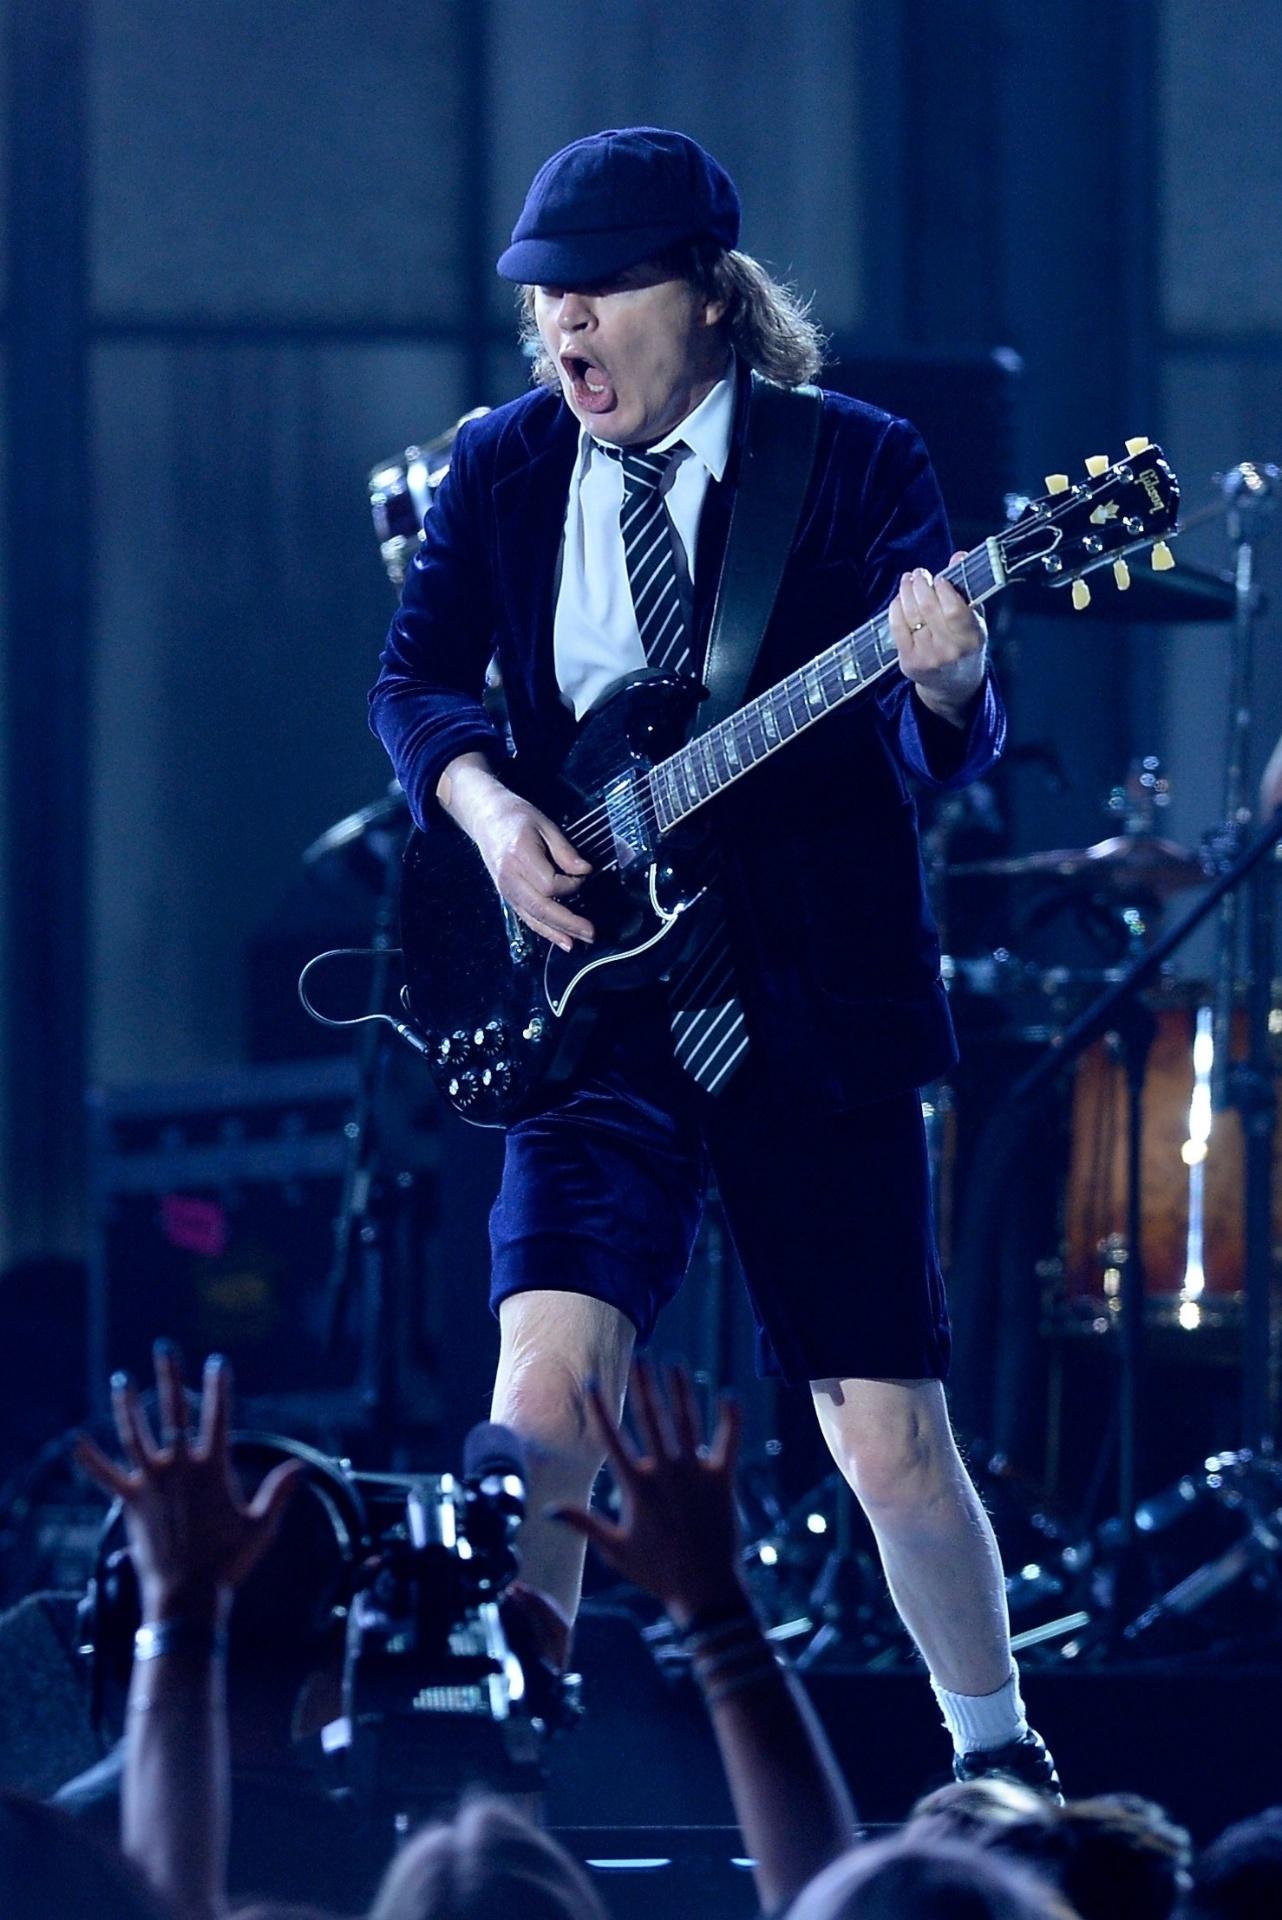 8.fev.2015 - 8.fev.2015 - O guitarrista Angus Young da banda AC/DC foi a primeira a se apresentar durante o 57ª edição do Grammy, em Los Angeles